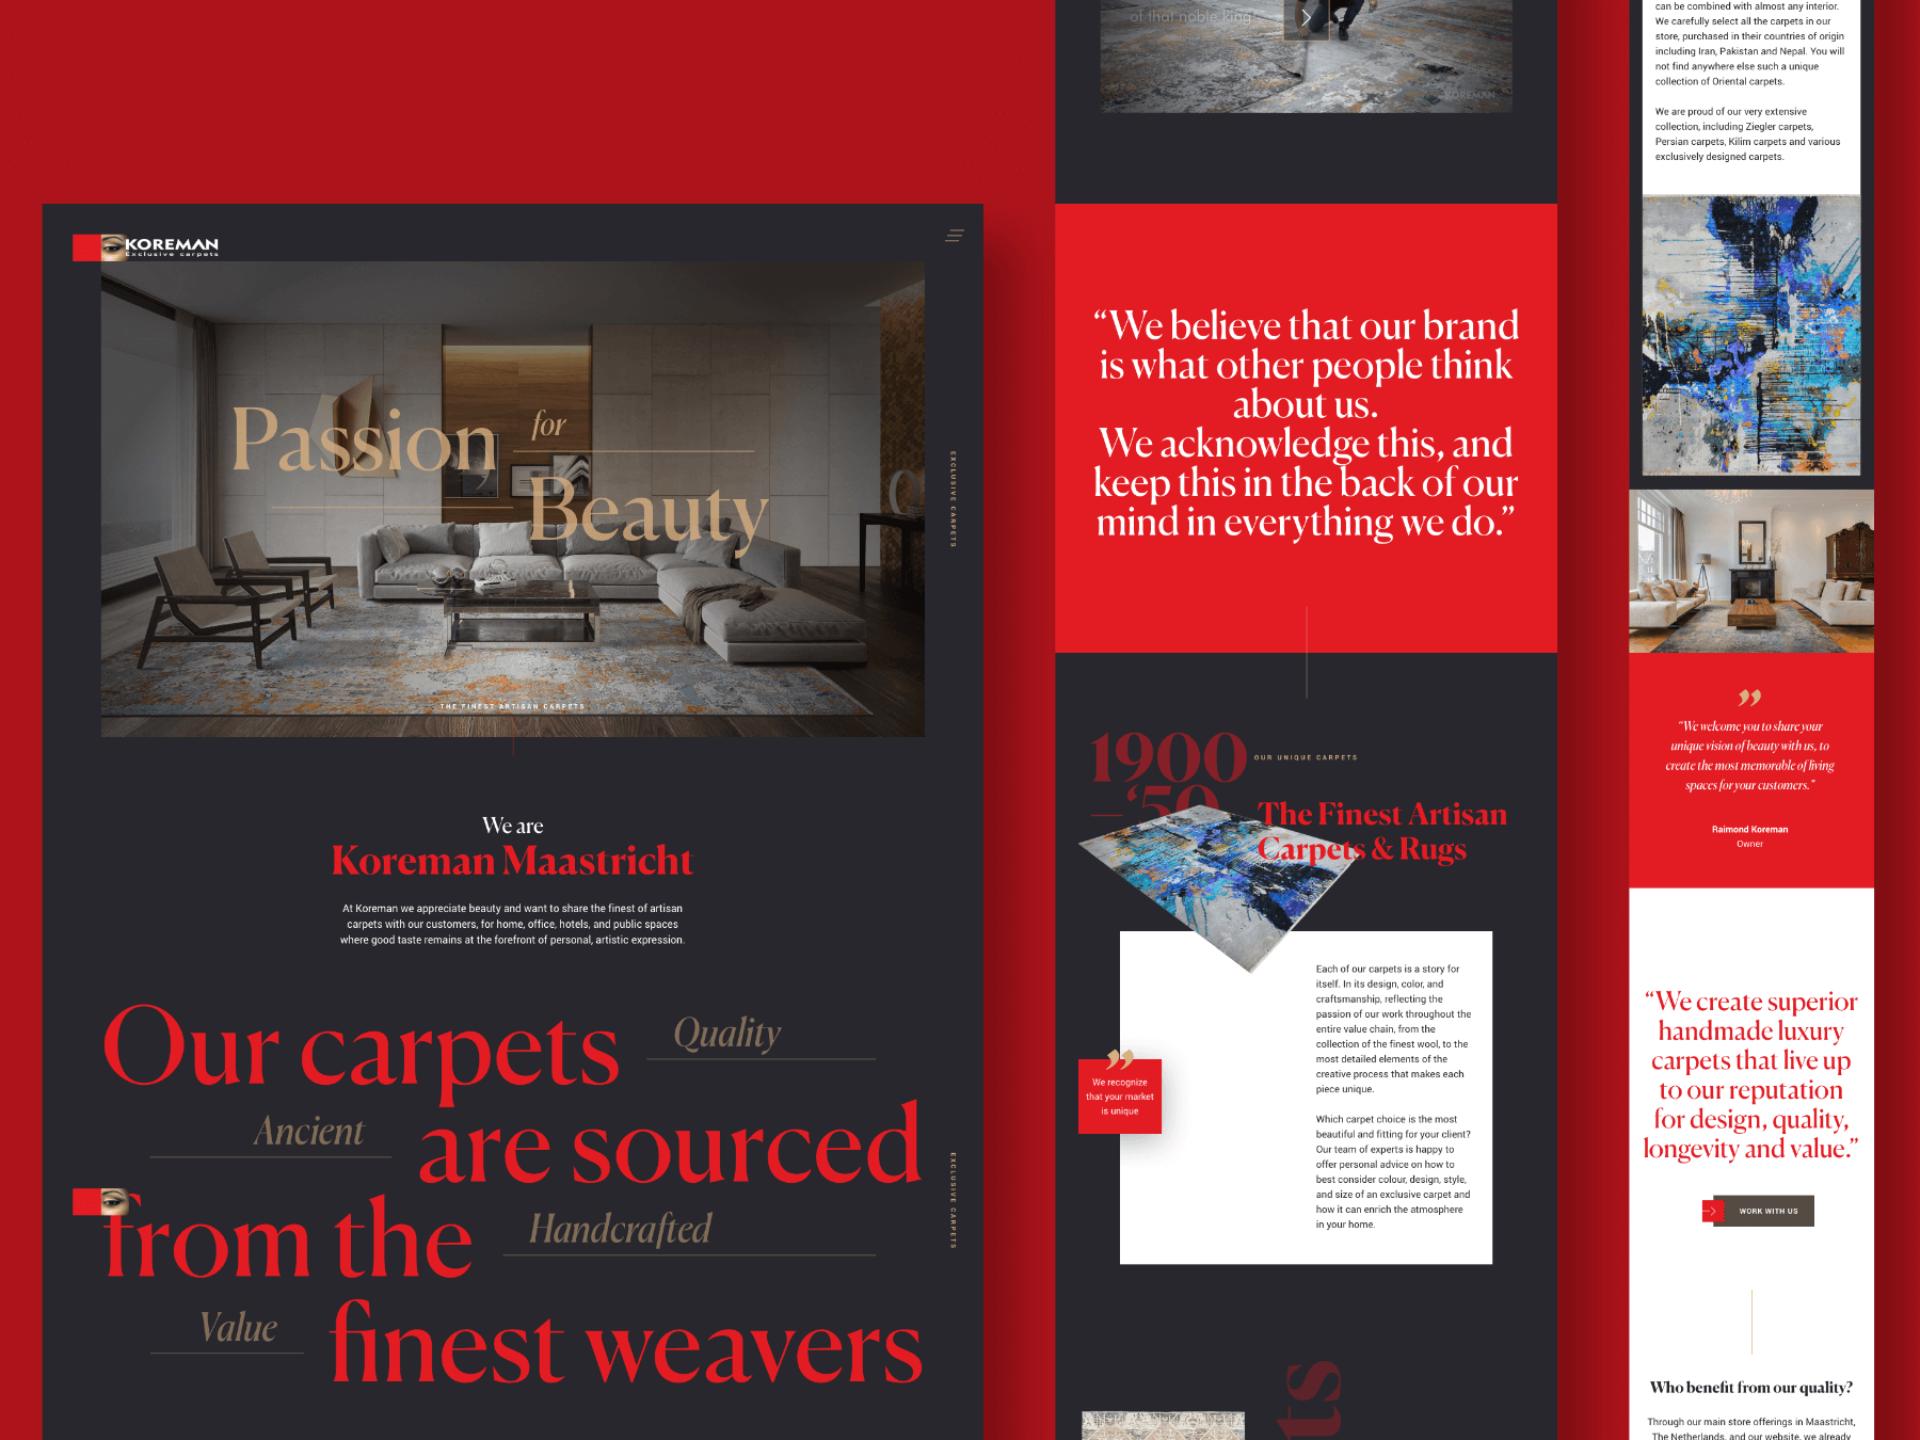 Koreman responsive design - Rene Verkaart)